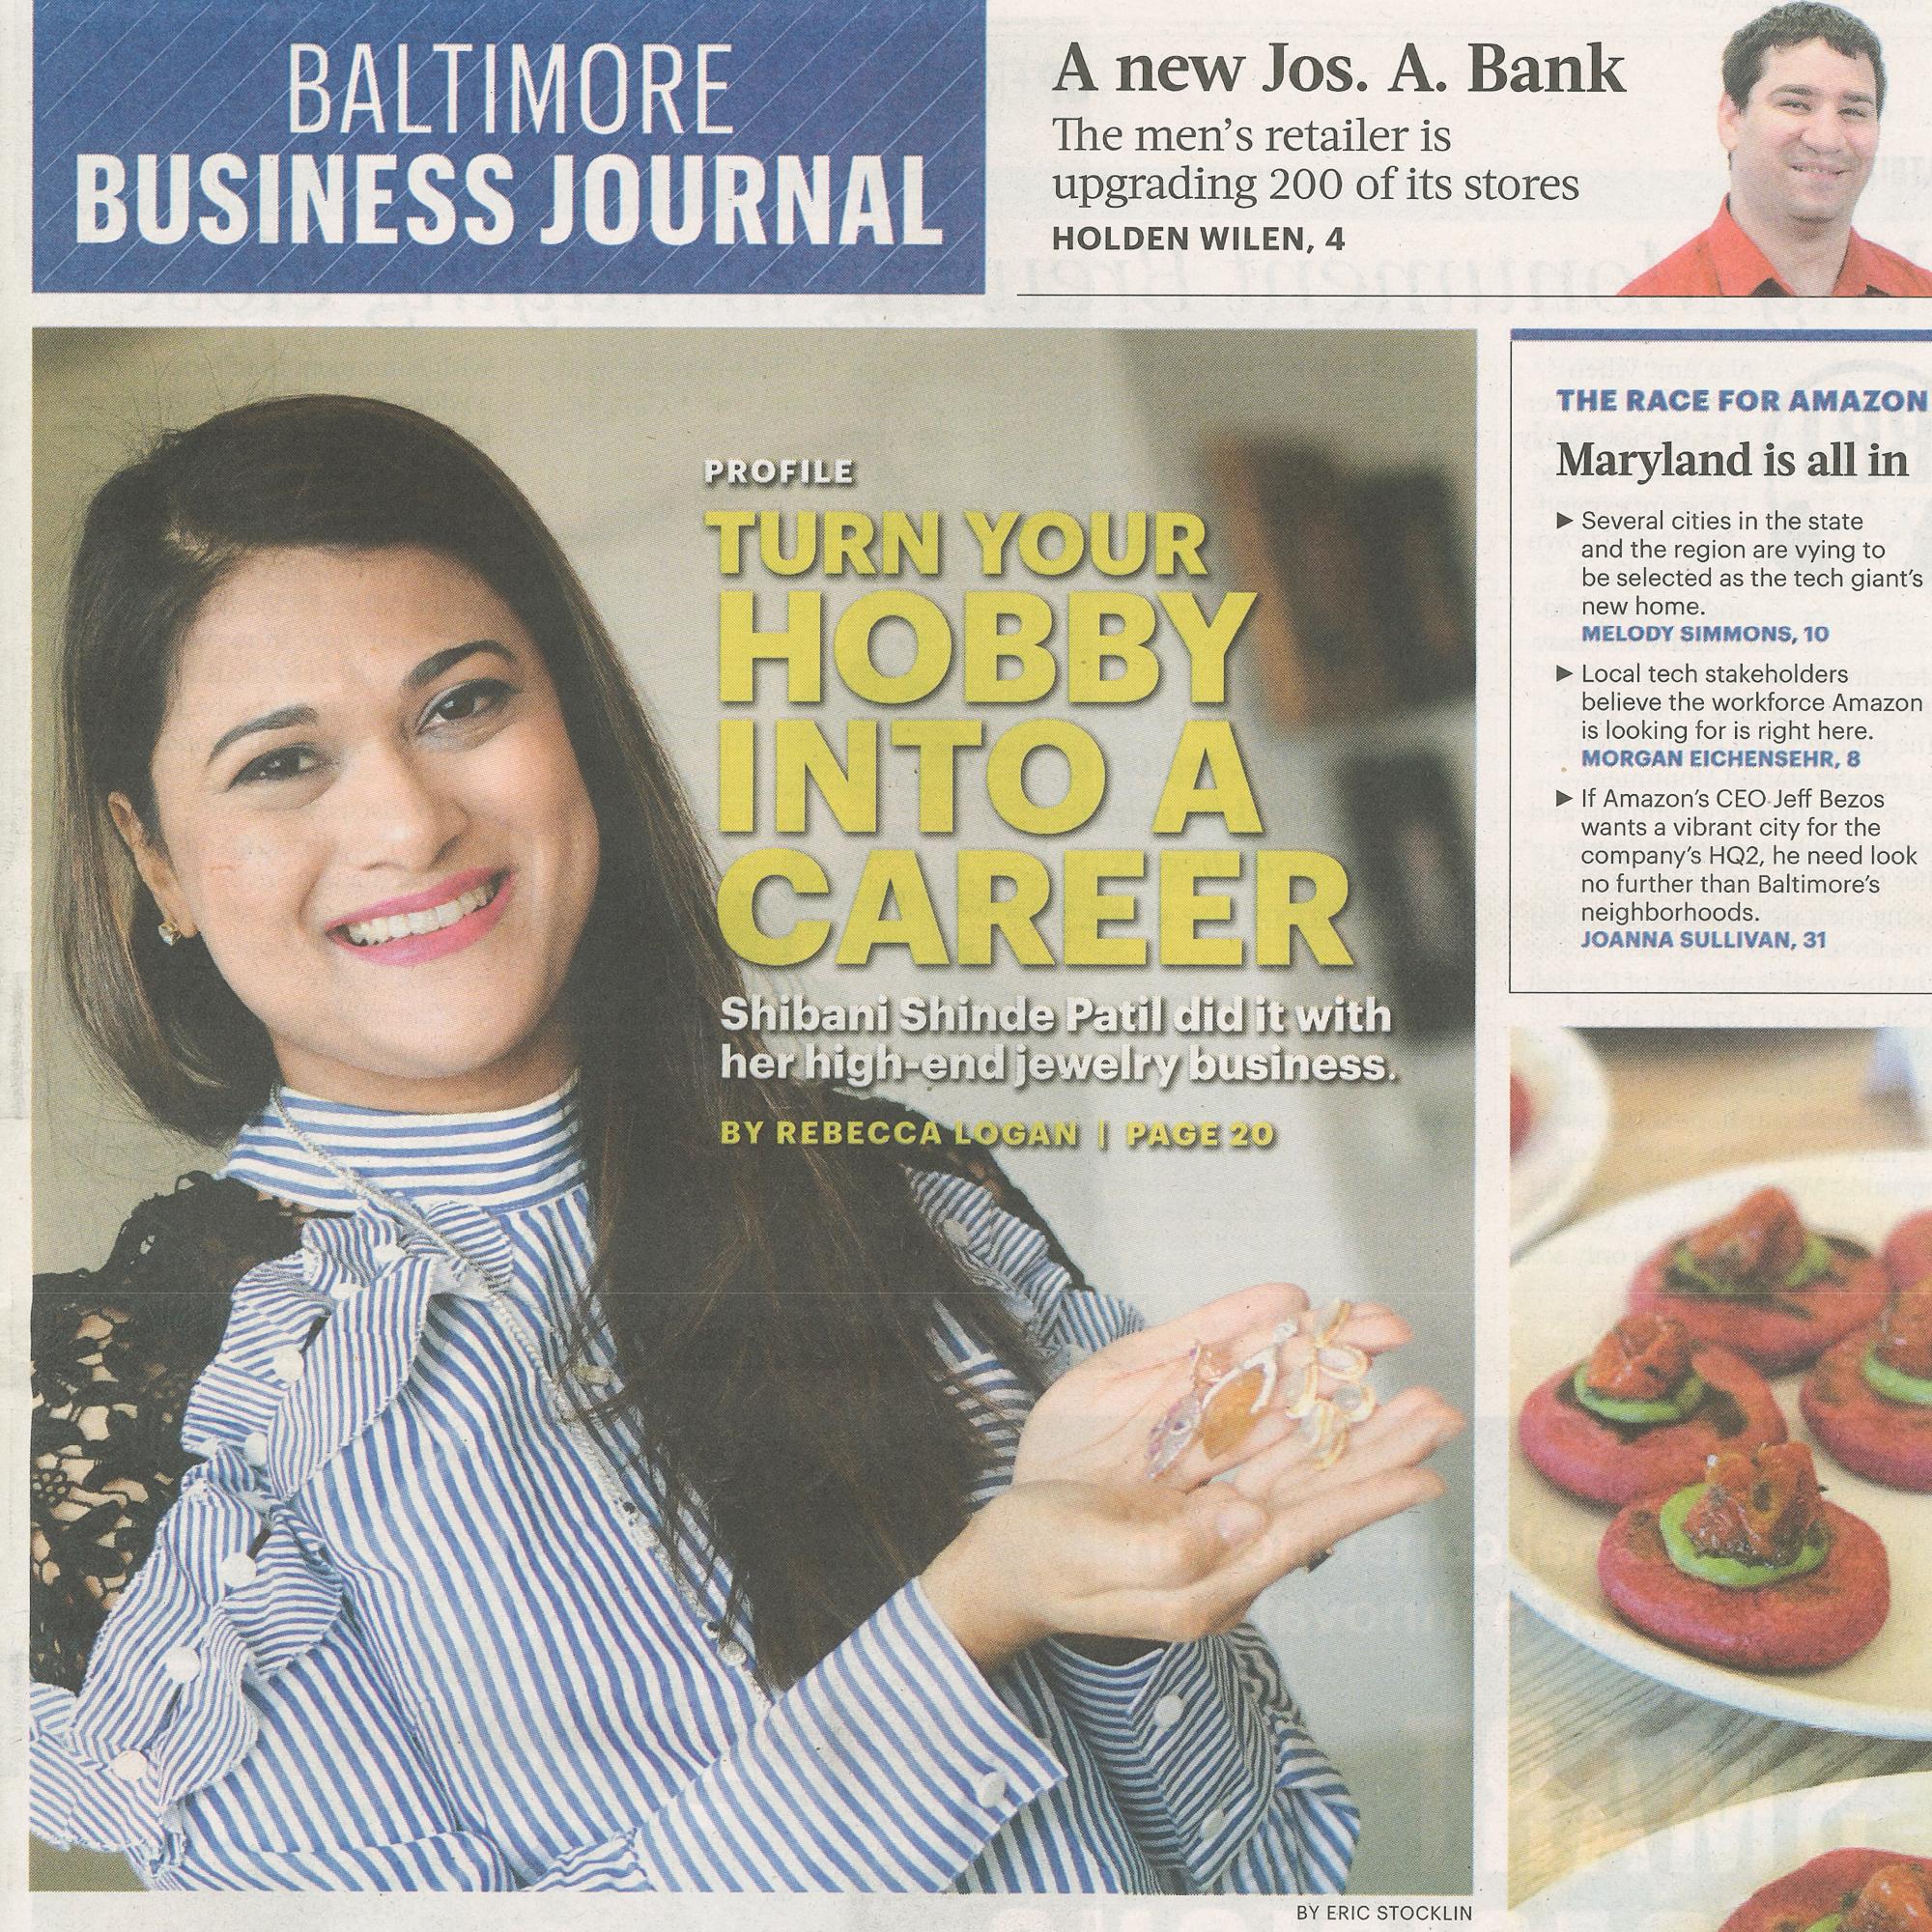 Baltimore Business Journal, September 15-21, 2017